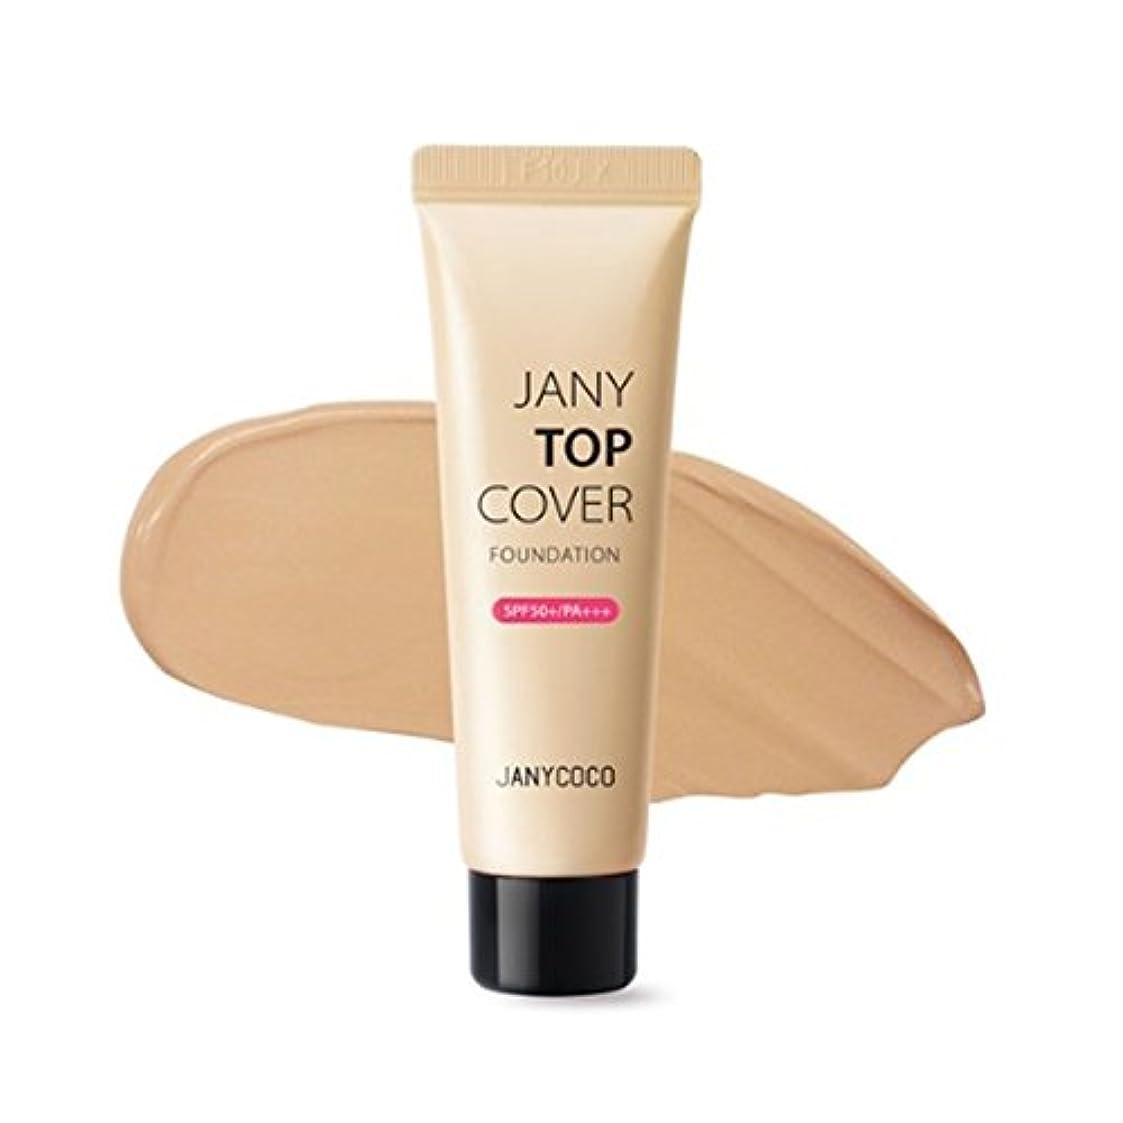 組み立てるお酢最後にジェニーココジェニートップカバーファンデーション(SPF50+/PA+++)30ml 2カラー、Janycoco Jany Top Cover Foundation (SPF50+/PA+++) 30ml 2 Colors...